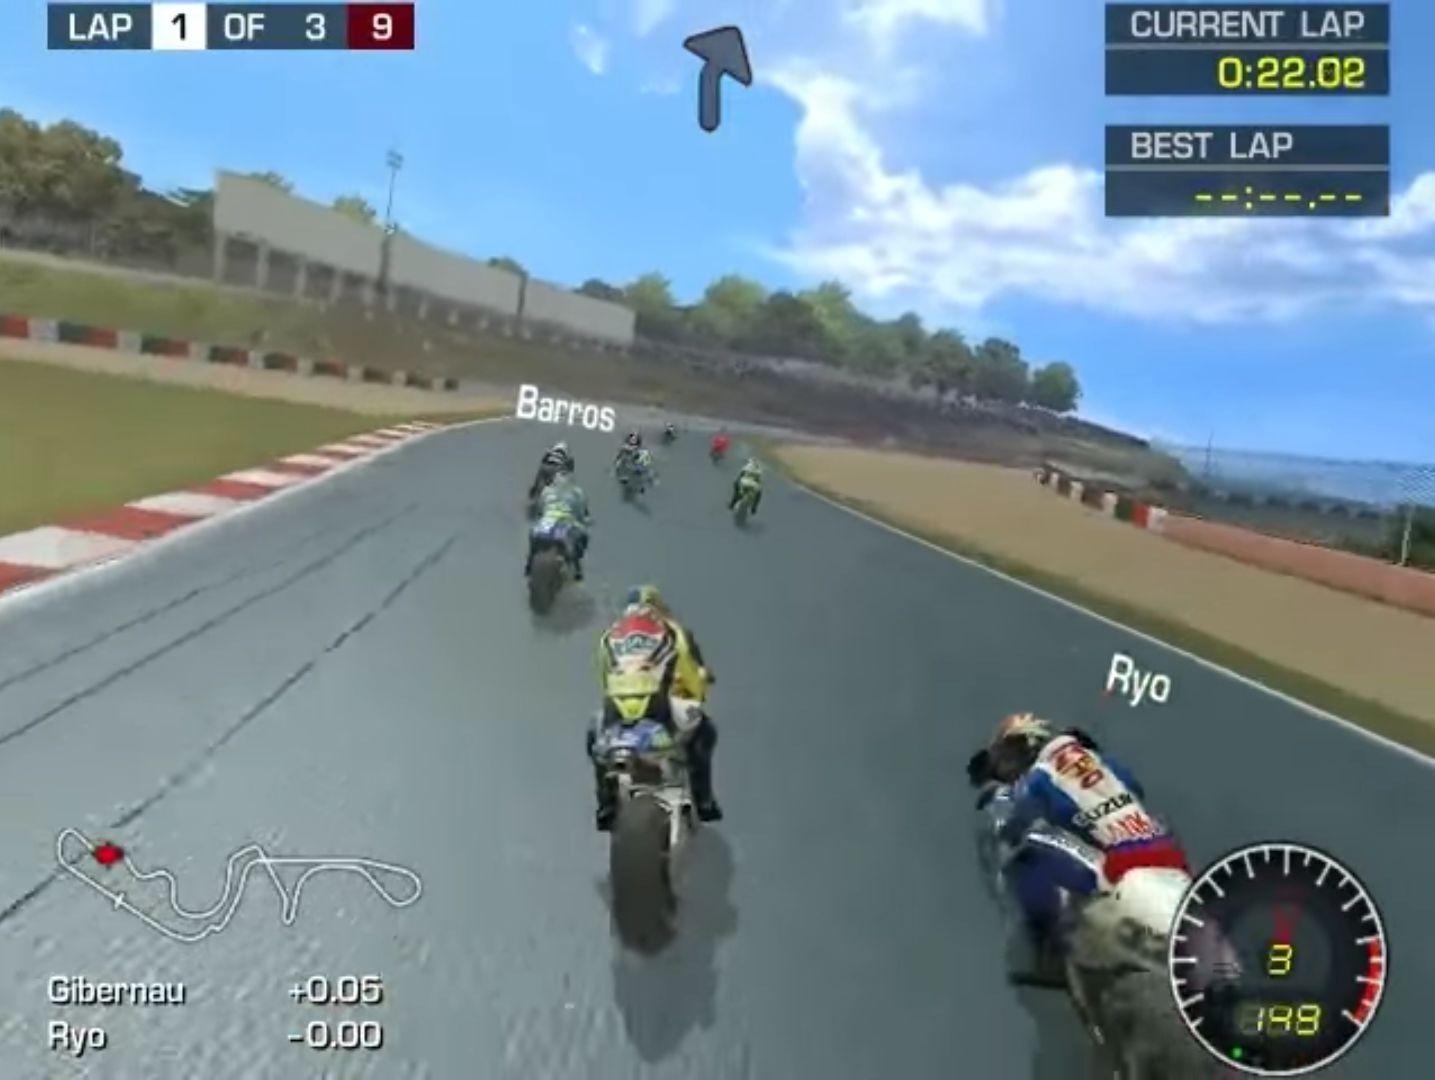 motogp 2 download full game